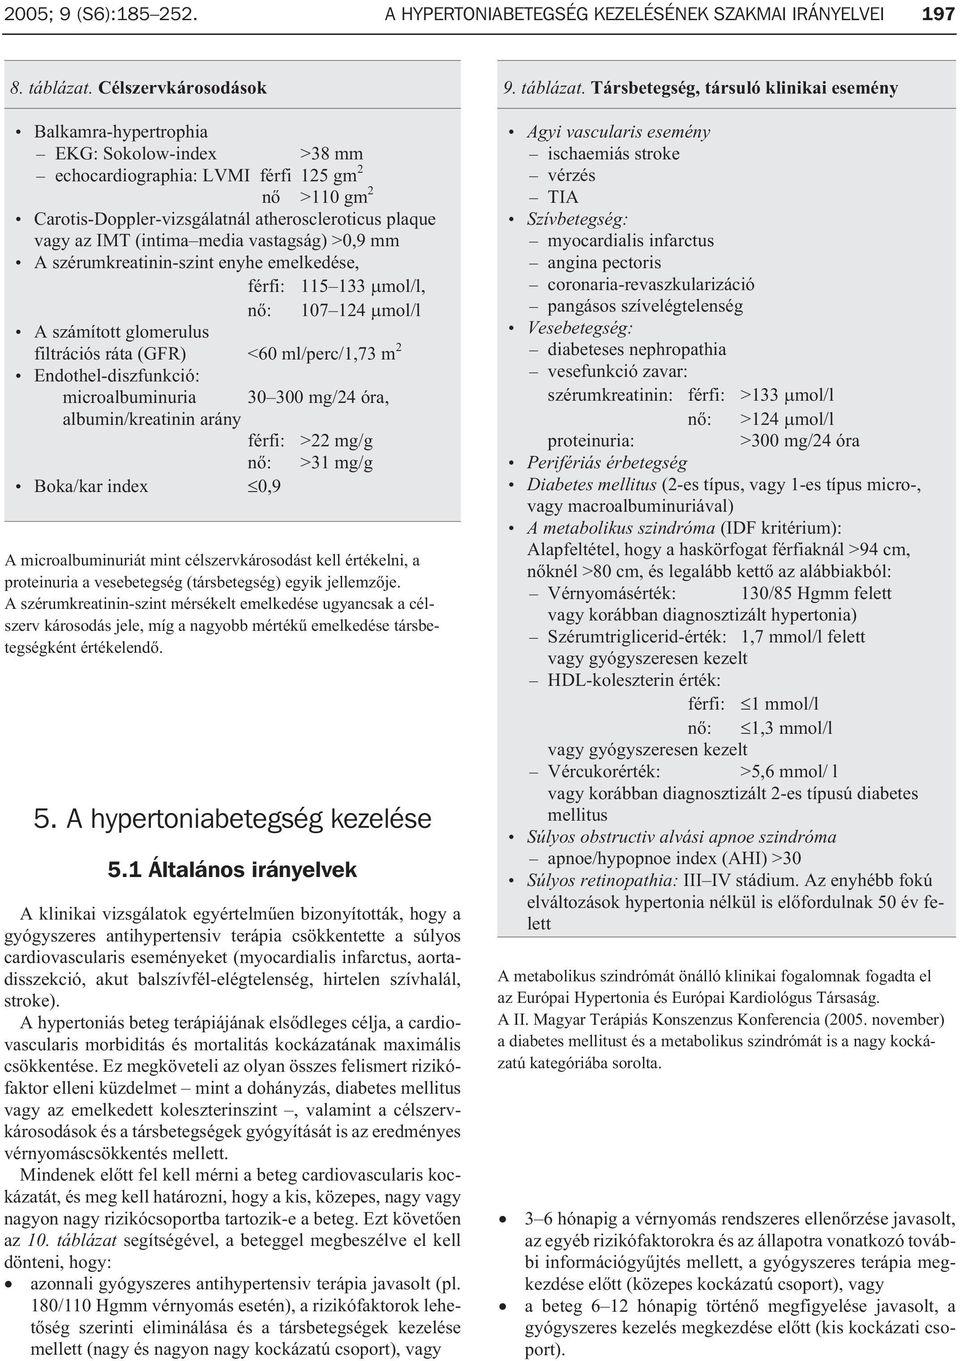 magas vérnyomás mi a kockázati csoport a magas vérnyomás és a cukorbetegség kezelésére szolgáló élelmiszerek listája